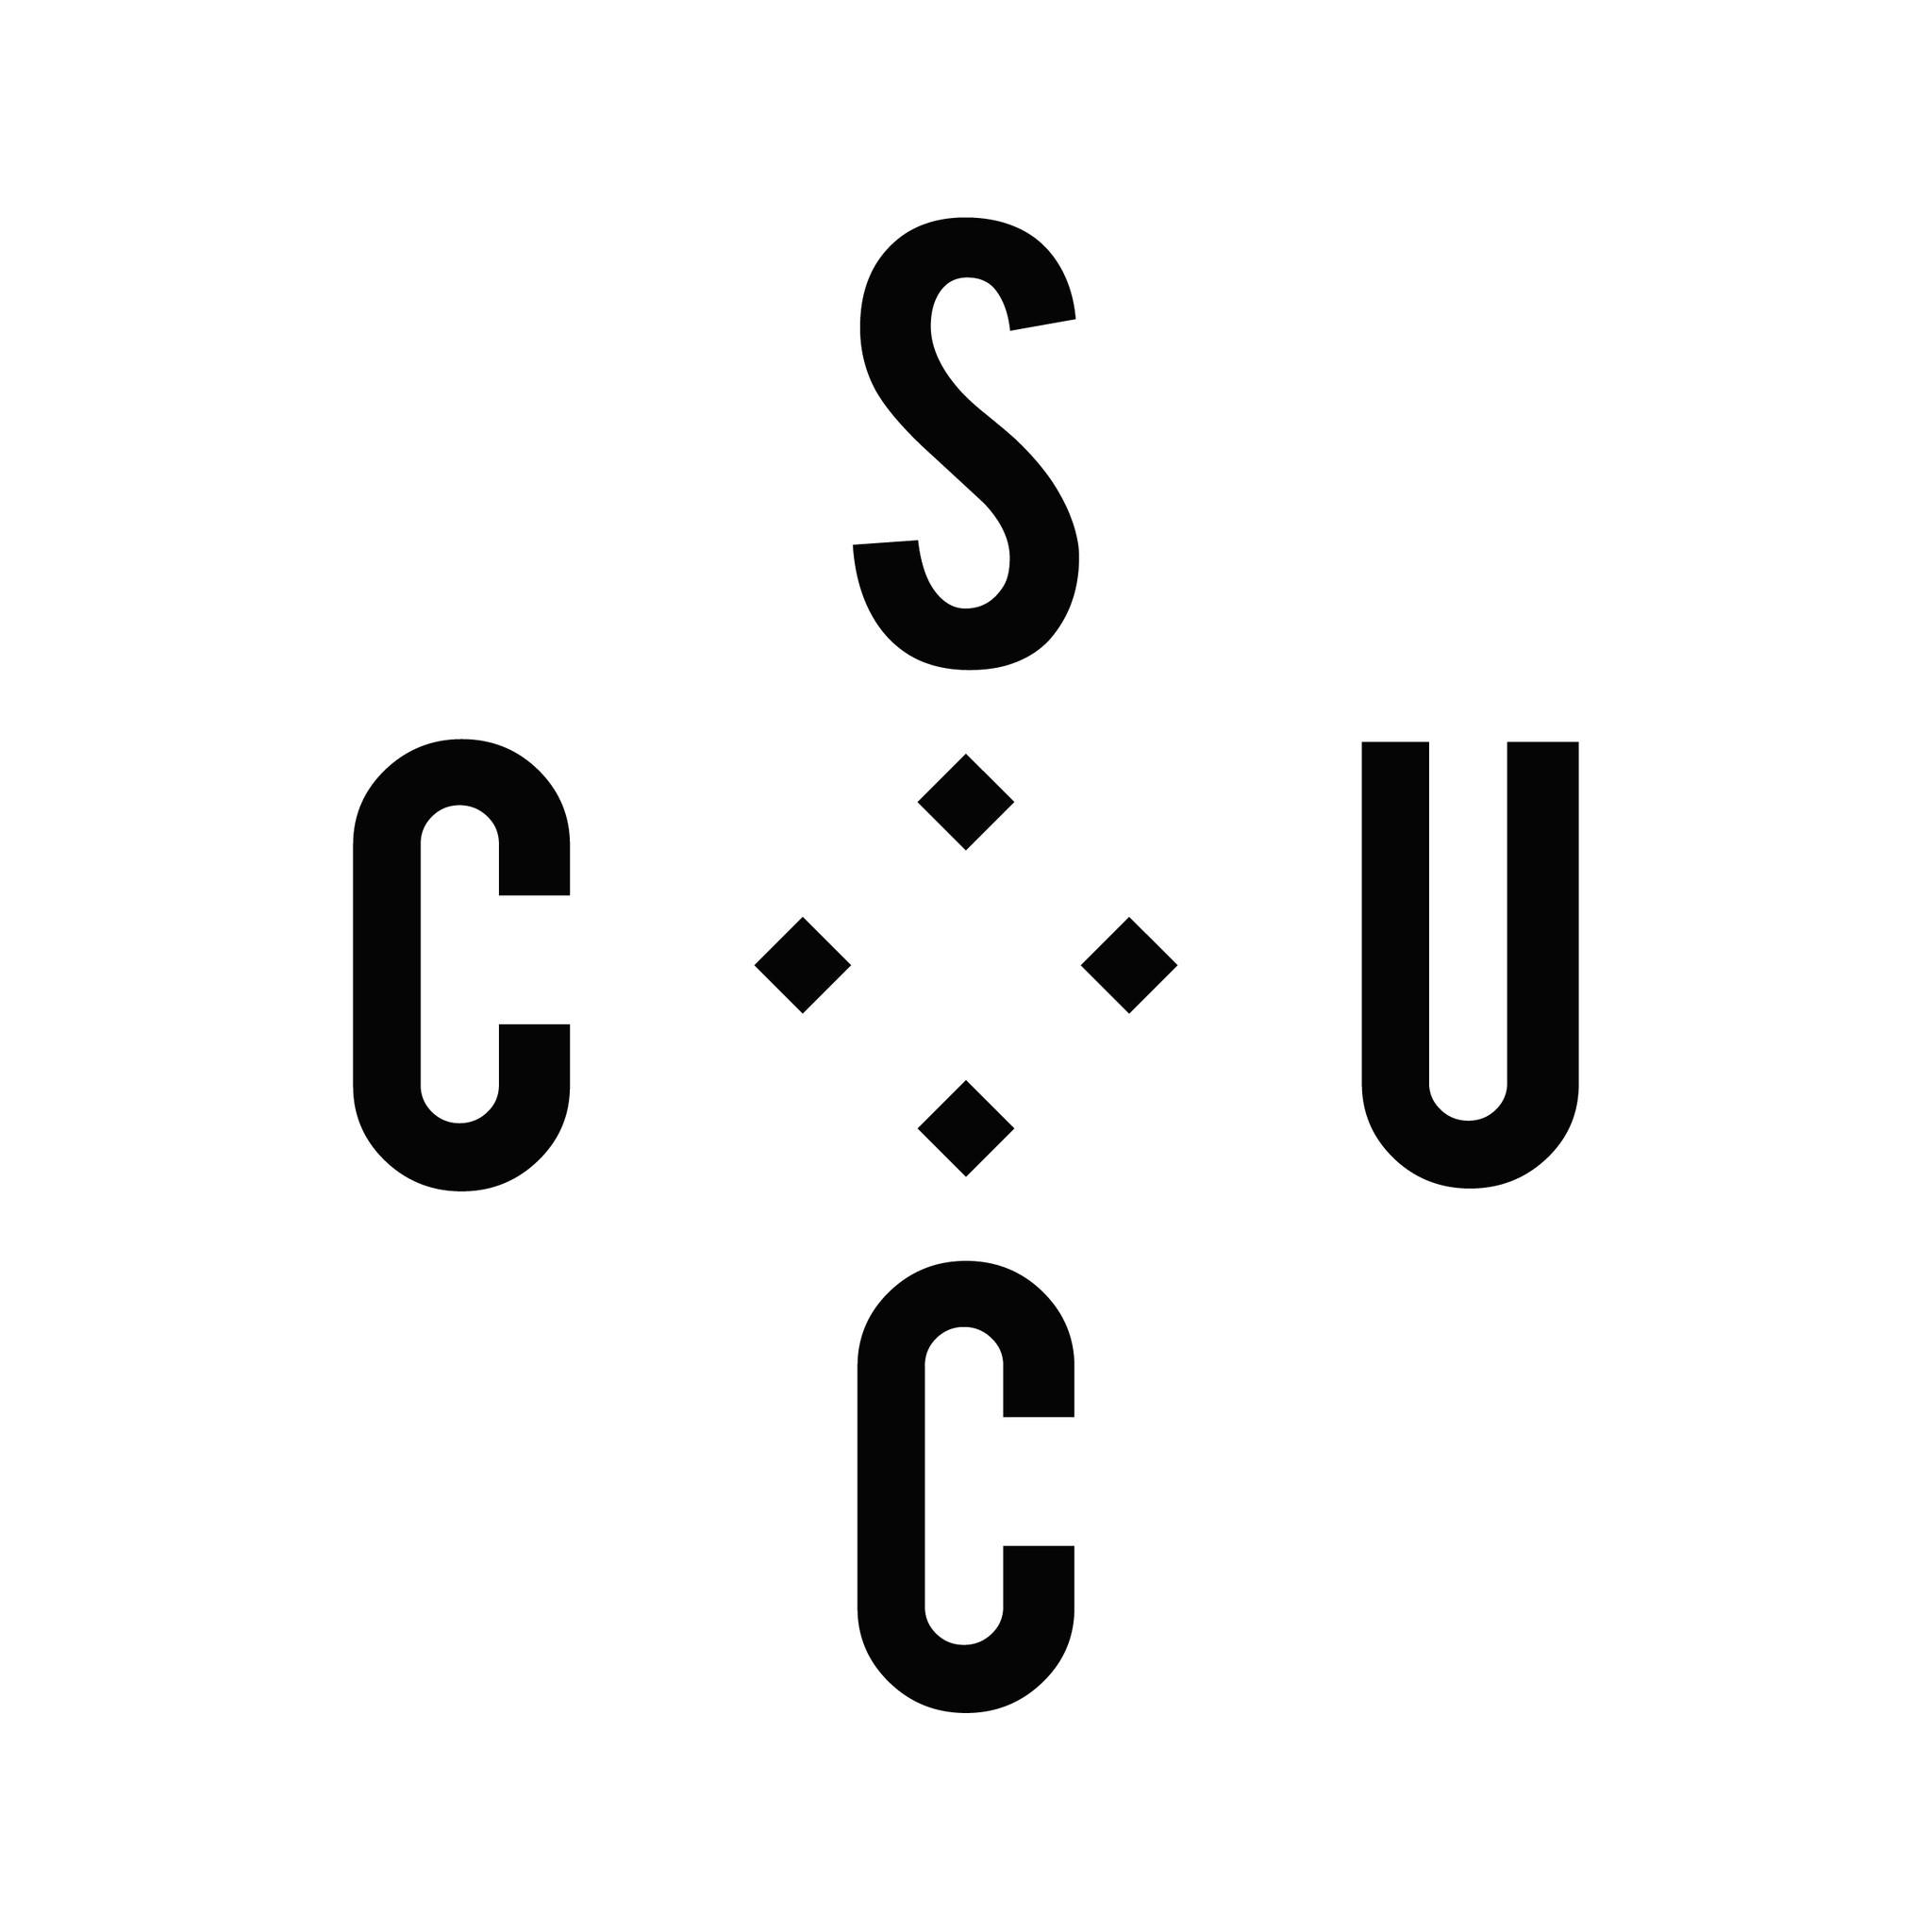 S.U.C.C. SHOP